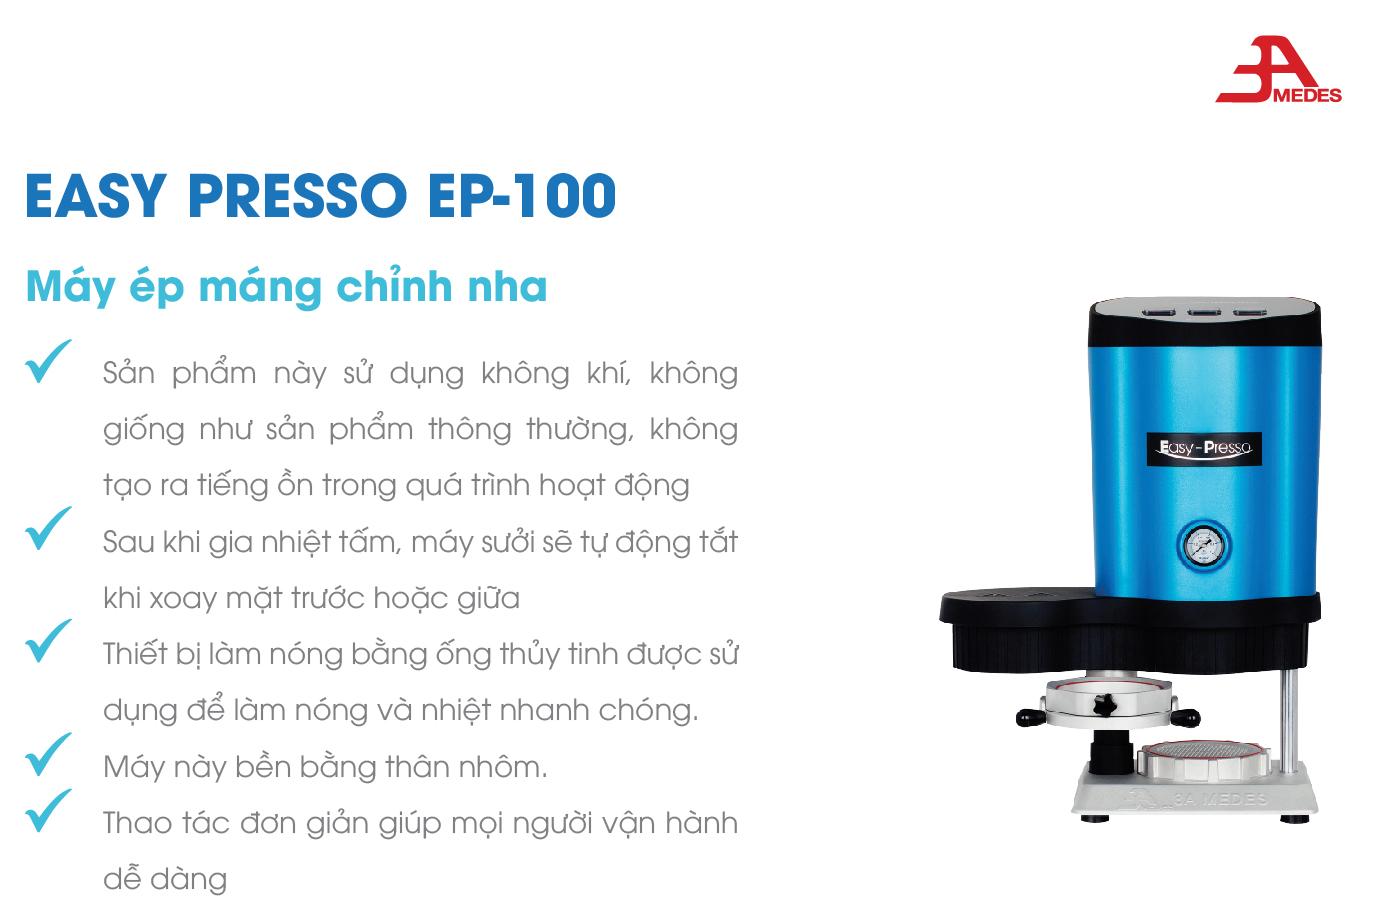 Easy-Presso EP-100